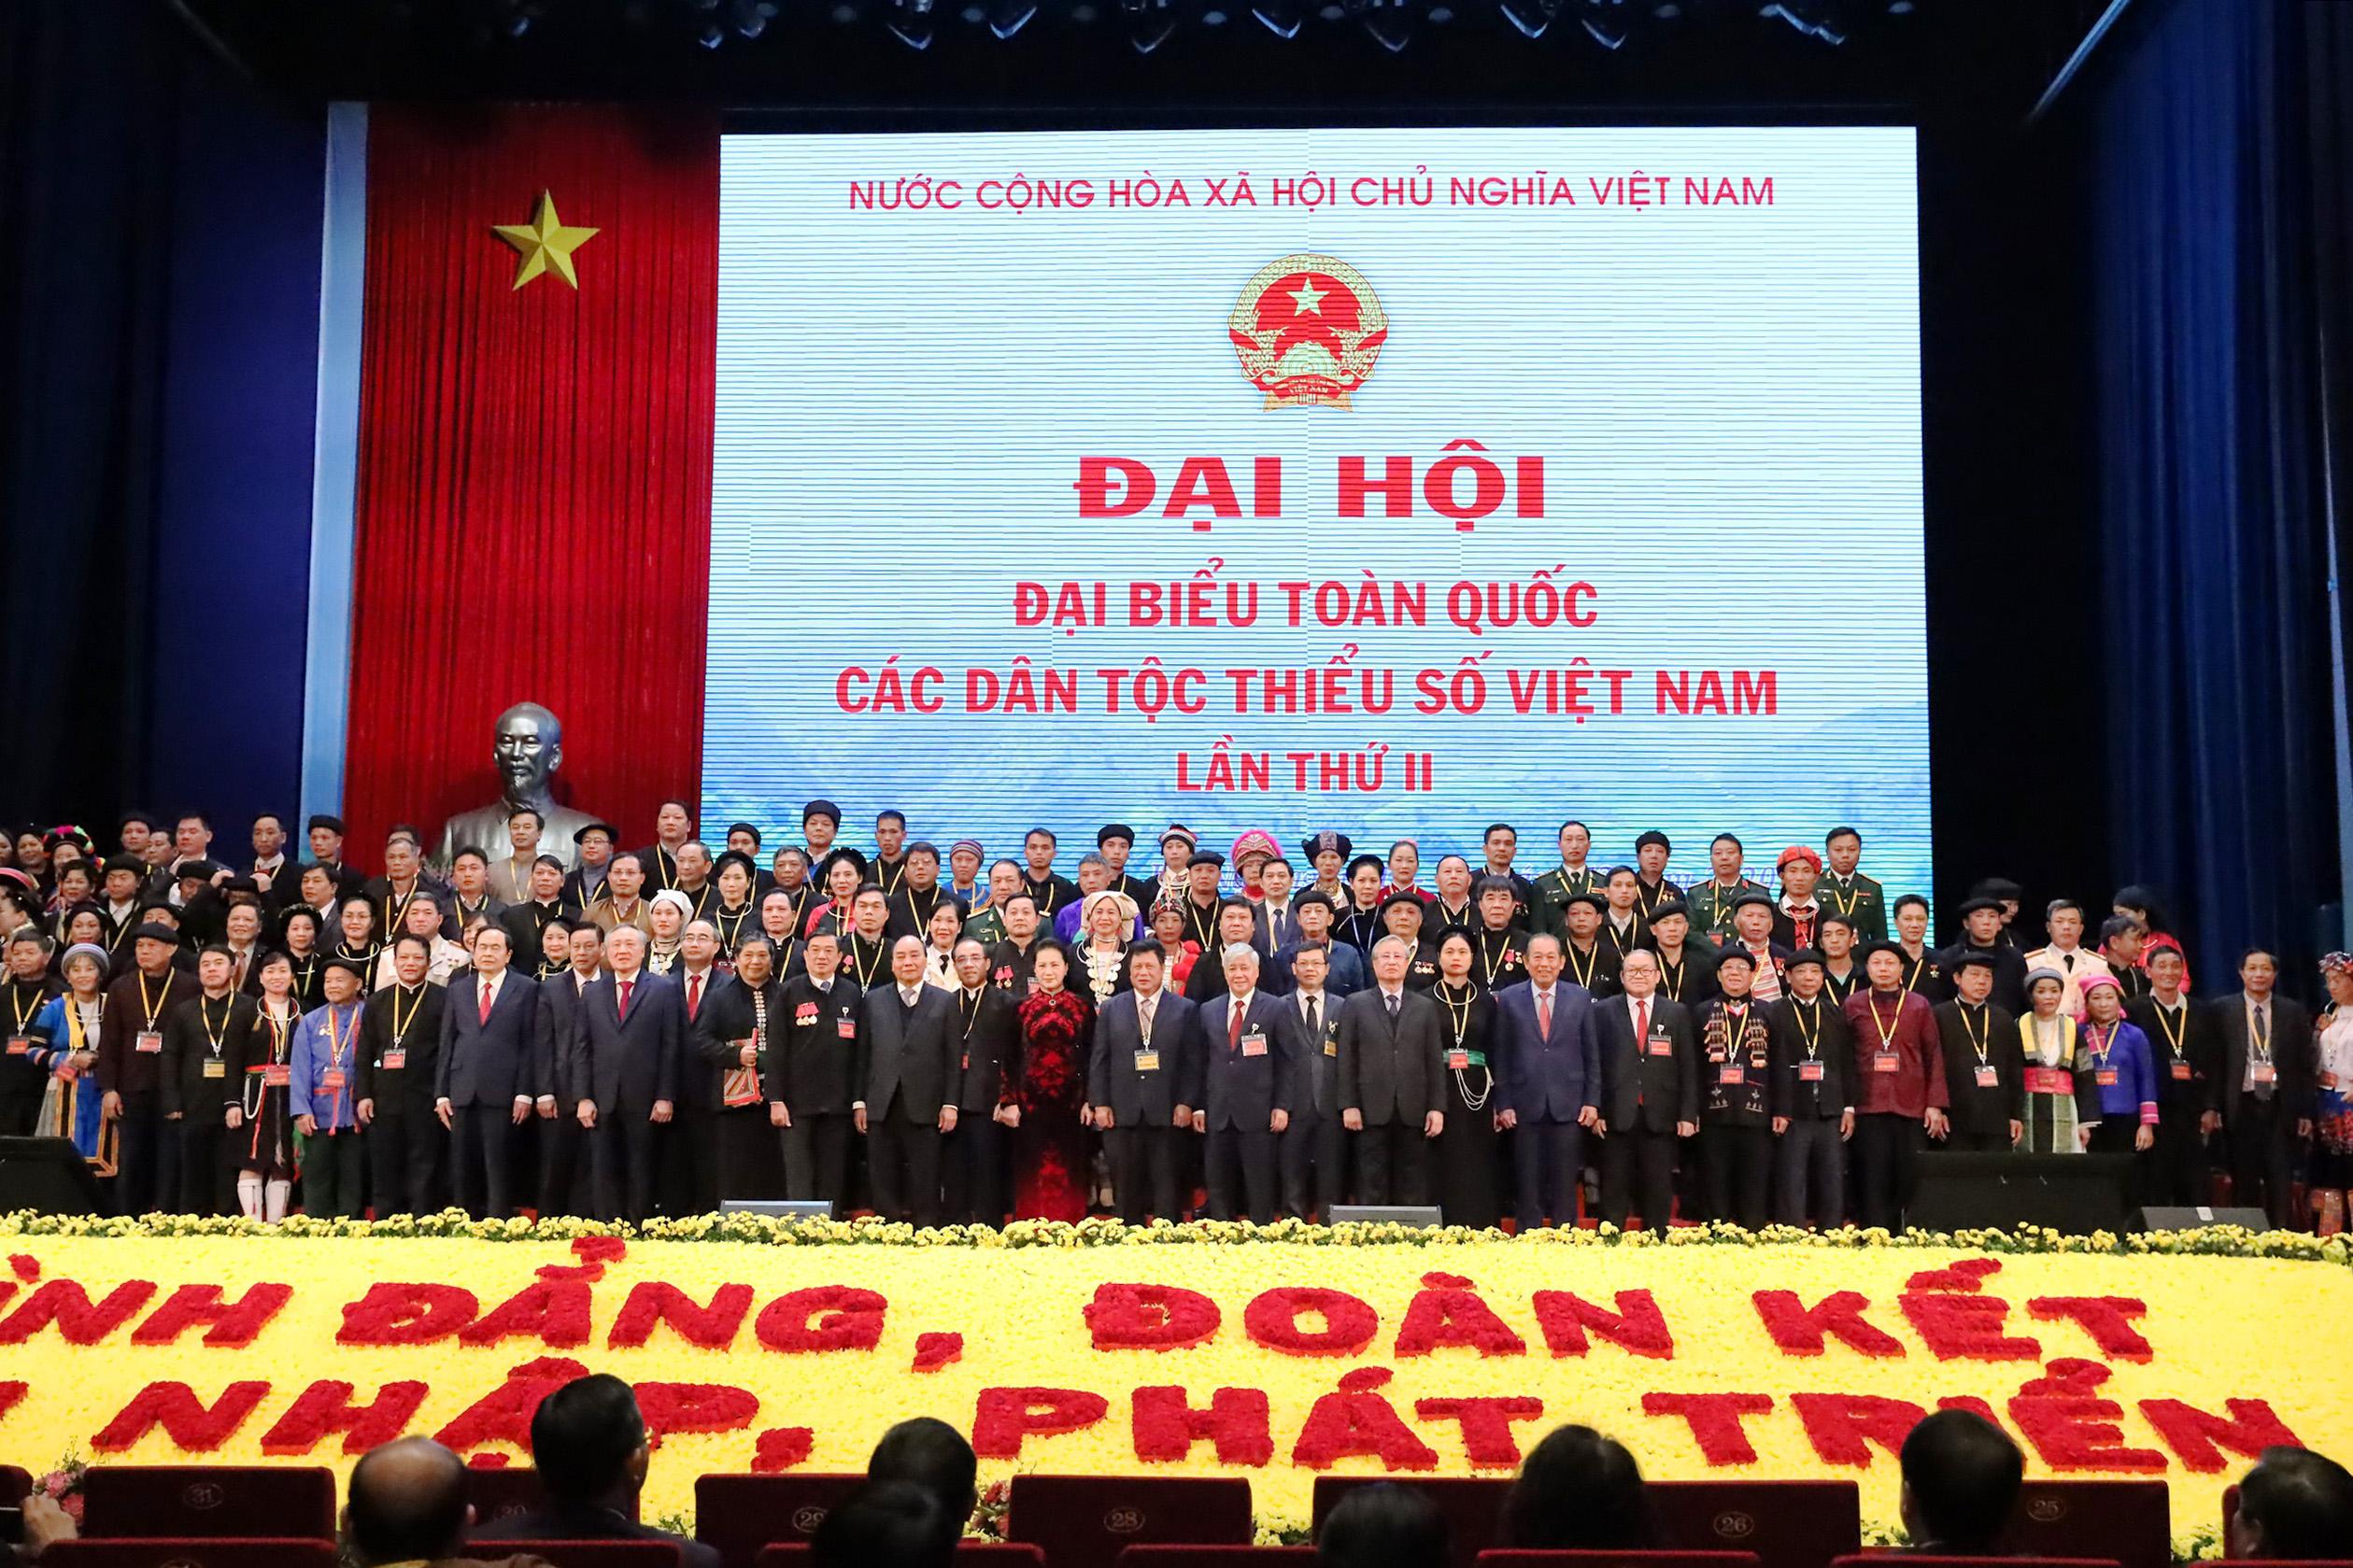 Lãnh đạo Đảng, Nhà nước, các Bộ, ban, ngành chụp ảnh lưu niệm cùng các đại biểu dự Đại hội